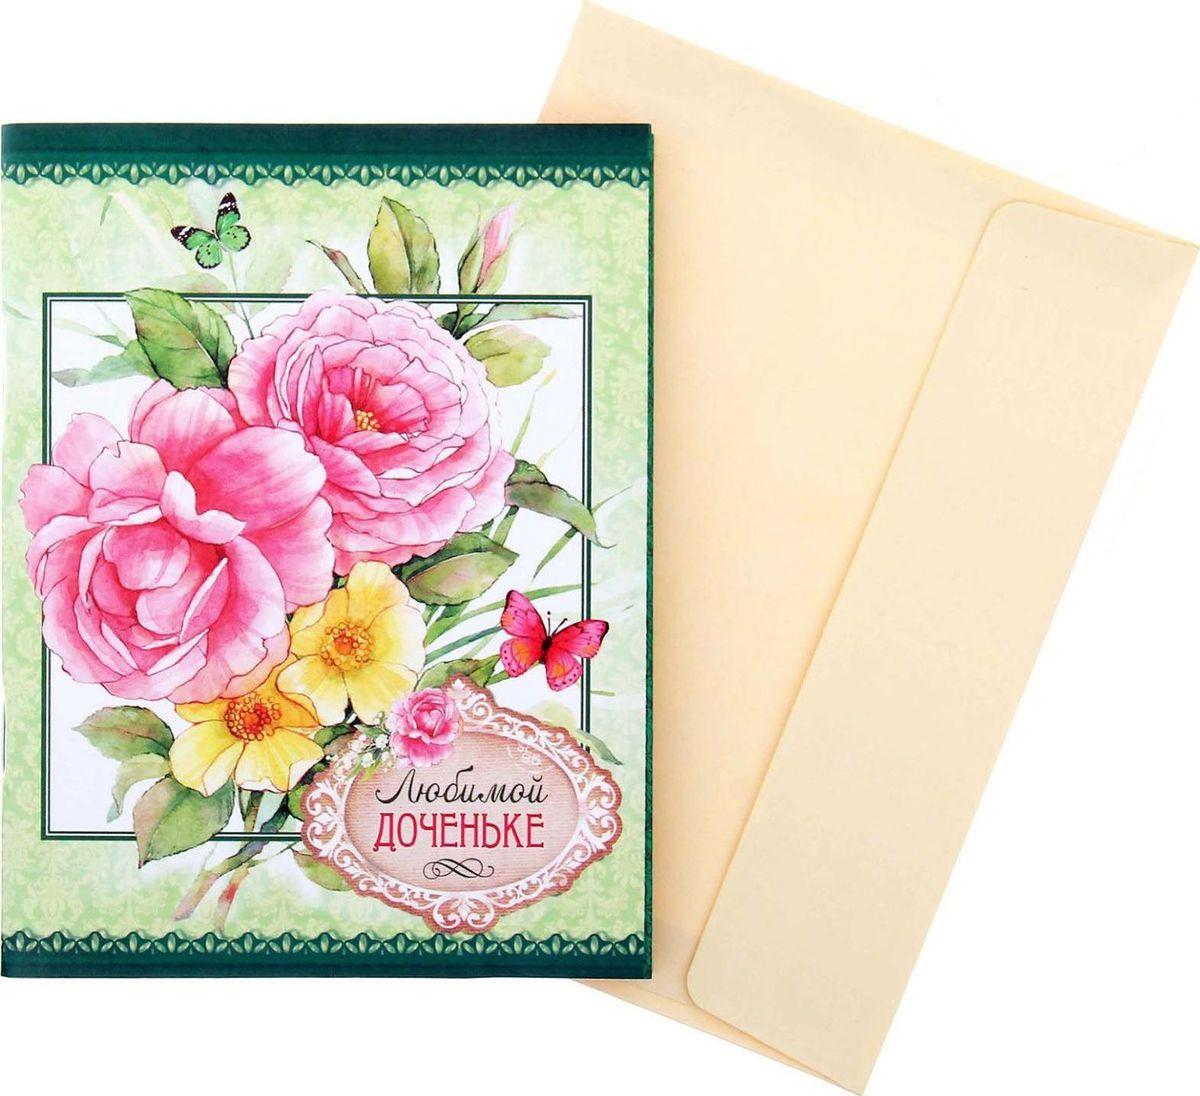 Блокнот-открытка Любимой доченьке 32 листа1104979Блокнот-открытка Любимой доченьке, 32 листа сочетает в себе красоту и практичность. Он содержит приятные пожелания от близких людей, а 32 дизайнерских листа с бархатной фактурой подарят отличное настроение владельцу. В отличие от обычной открытки, которая будет пылиться в шкафу, блокнотом приятно пользоваться! Изделие дополнено универсальным конвертом, подпишите его и вручите сувенир адресату на любой праздник.